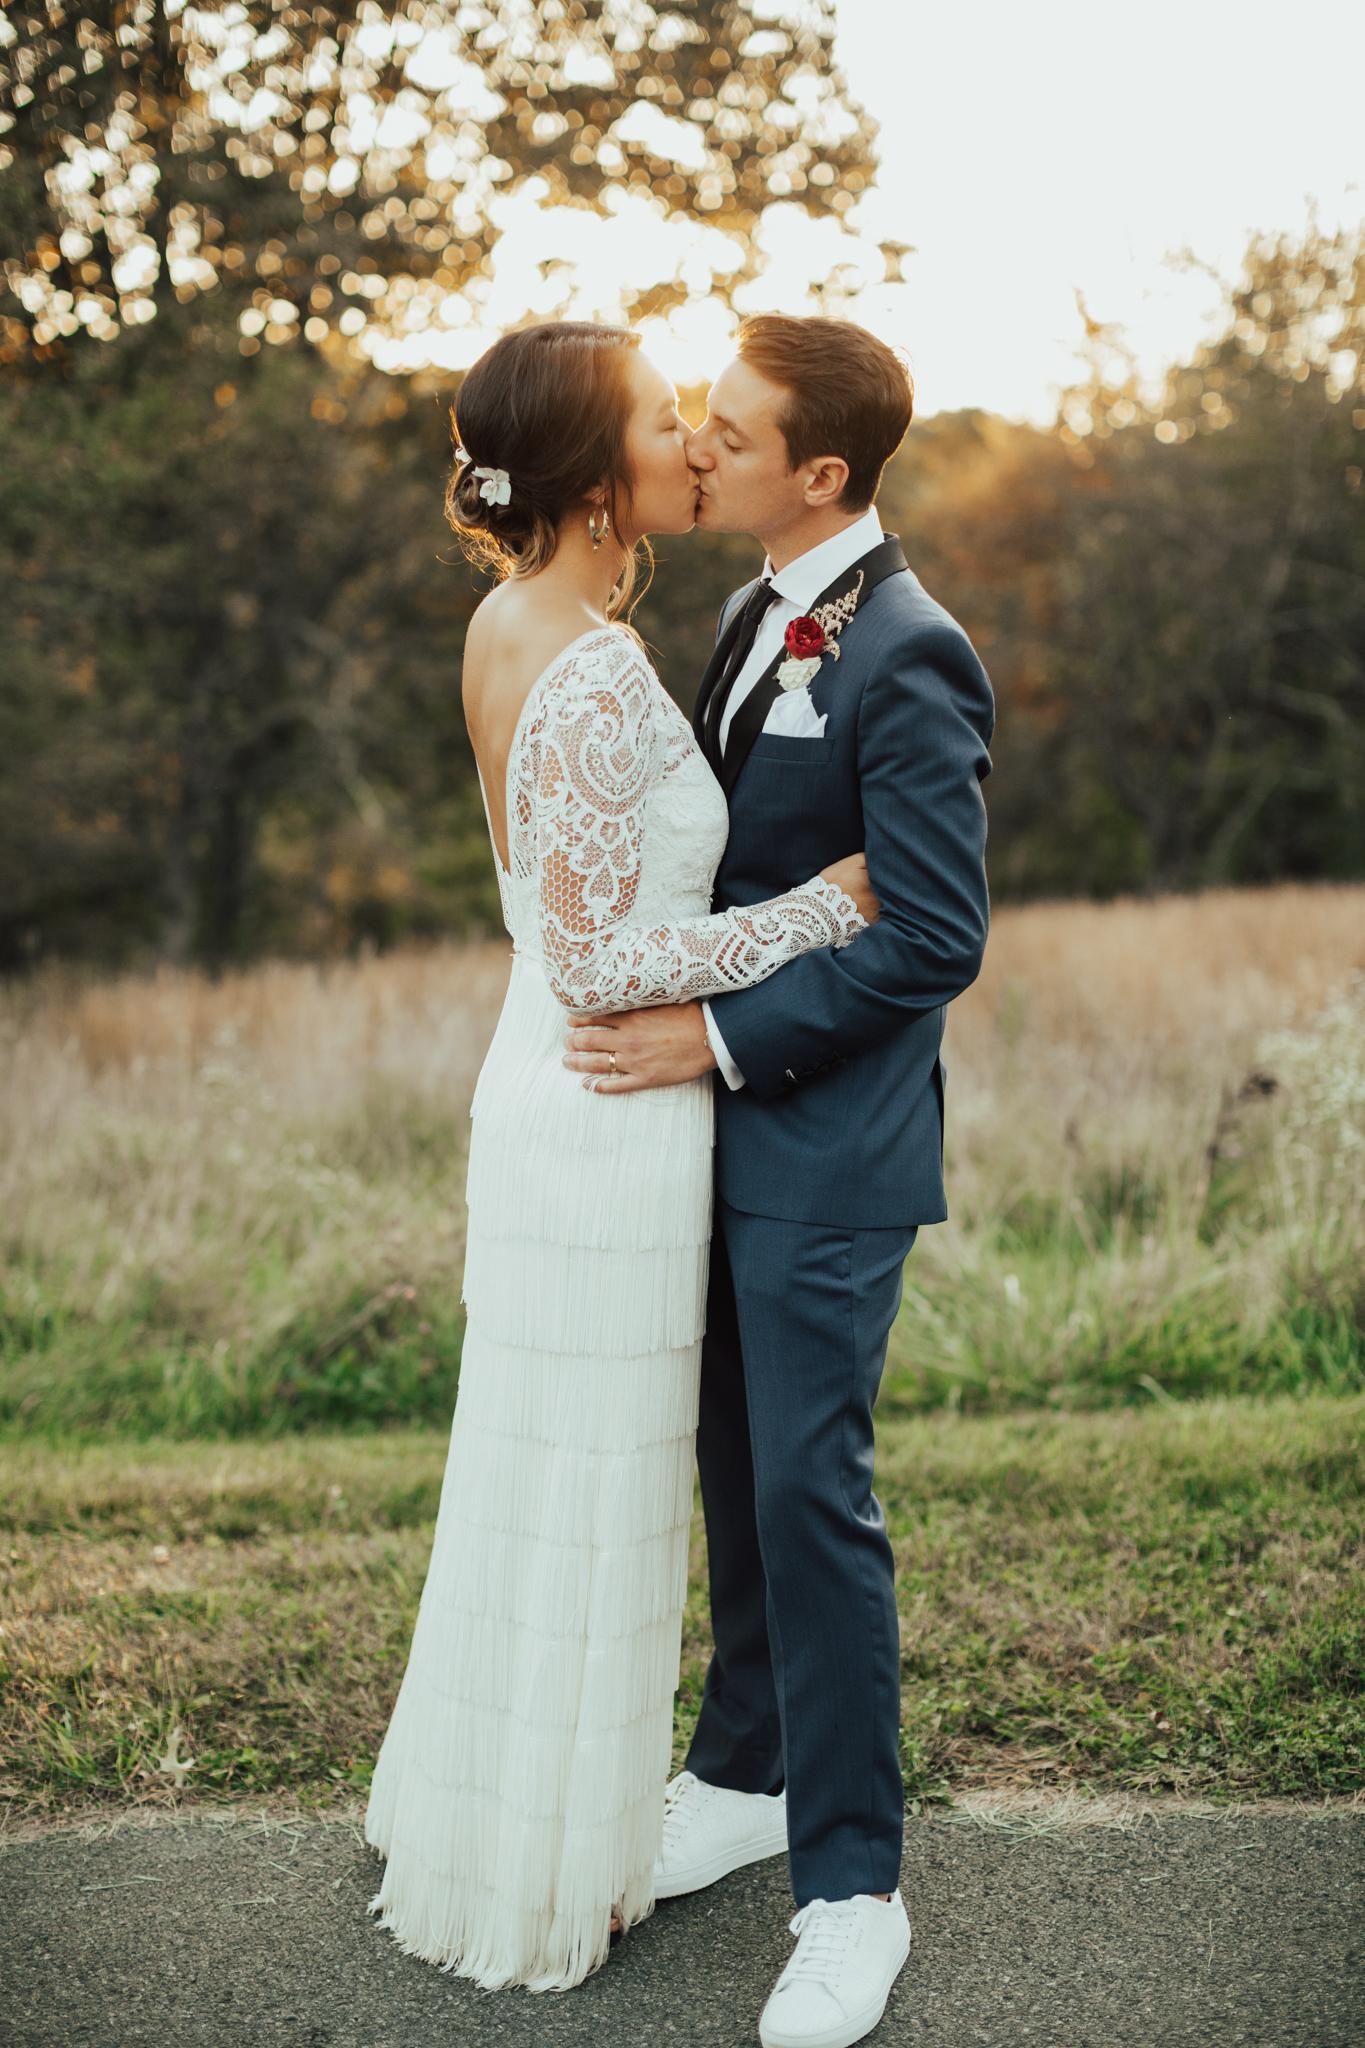 golden hour bride and groom portraits